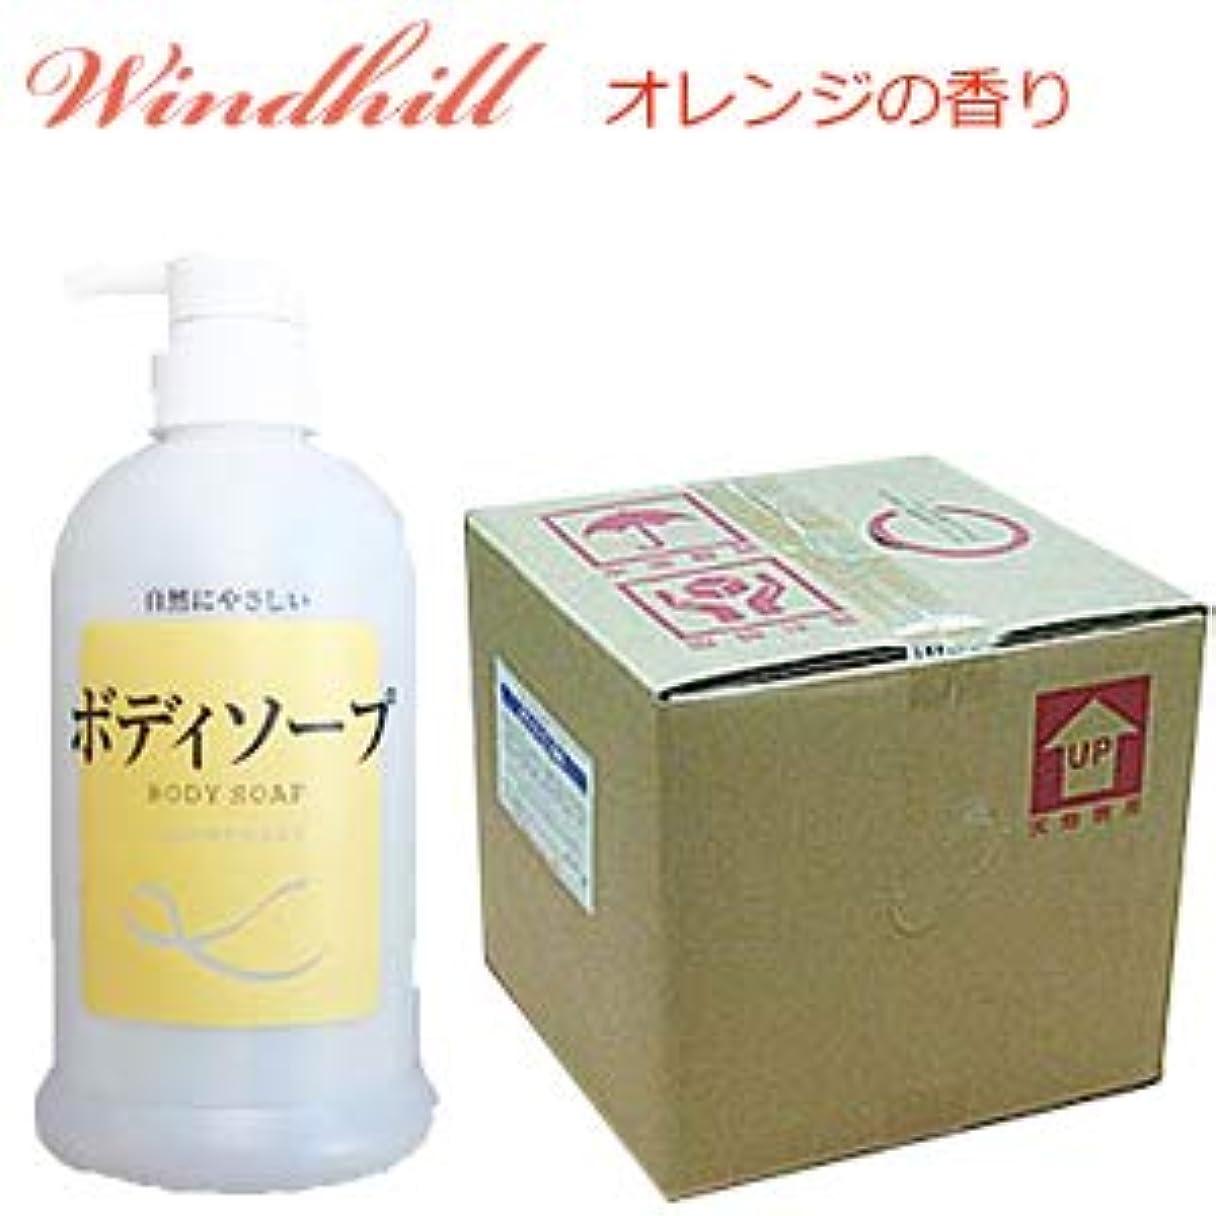 夢中労働野球Windhill 植物性 業務用ボディソープオレンジの香り 20L(1セット20L入)